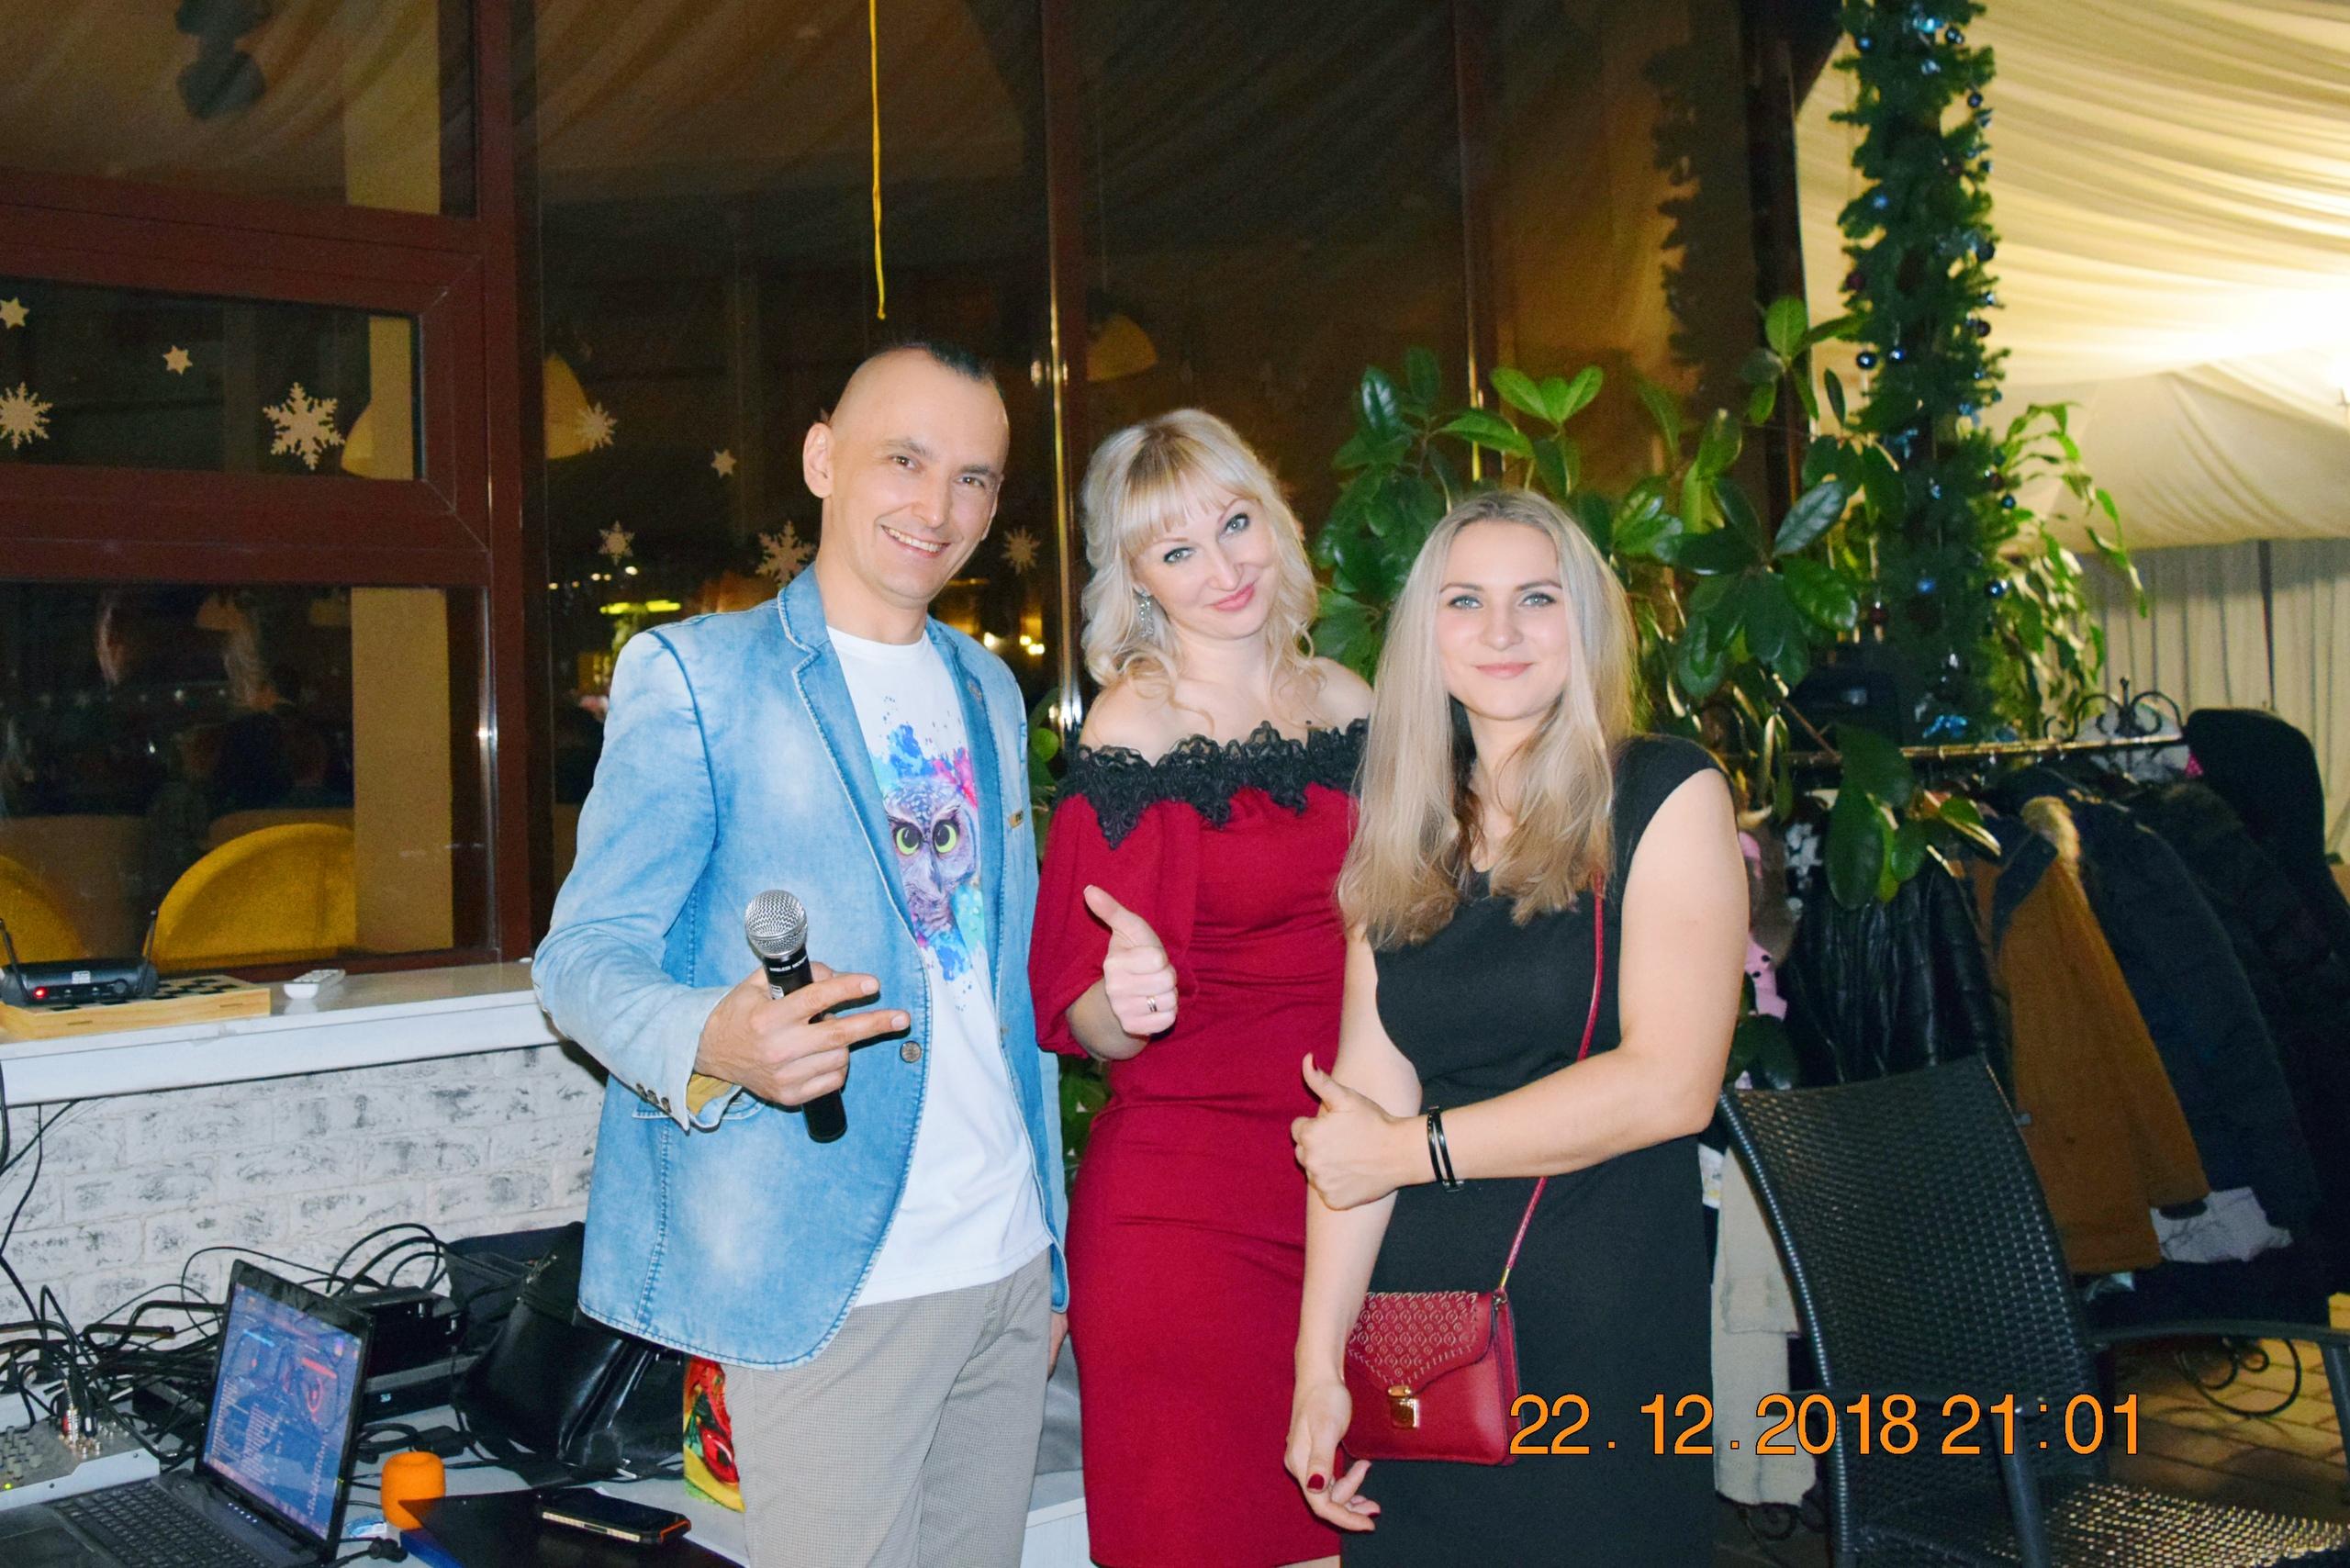 ybXzwVnQZXE - День рождения Анастасии и Юлии